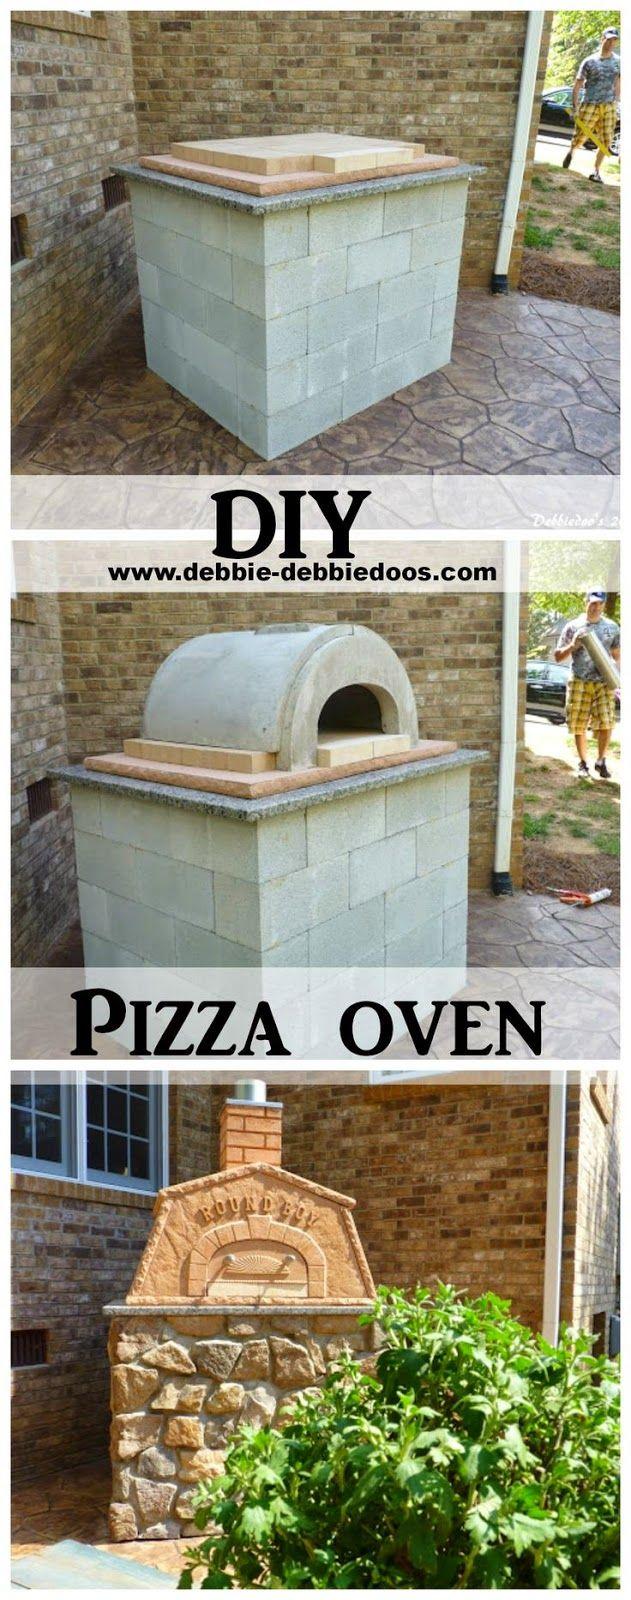 Diy Outdoor Pizza Oven Debbiedoo S Wood Fired Pizza